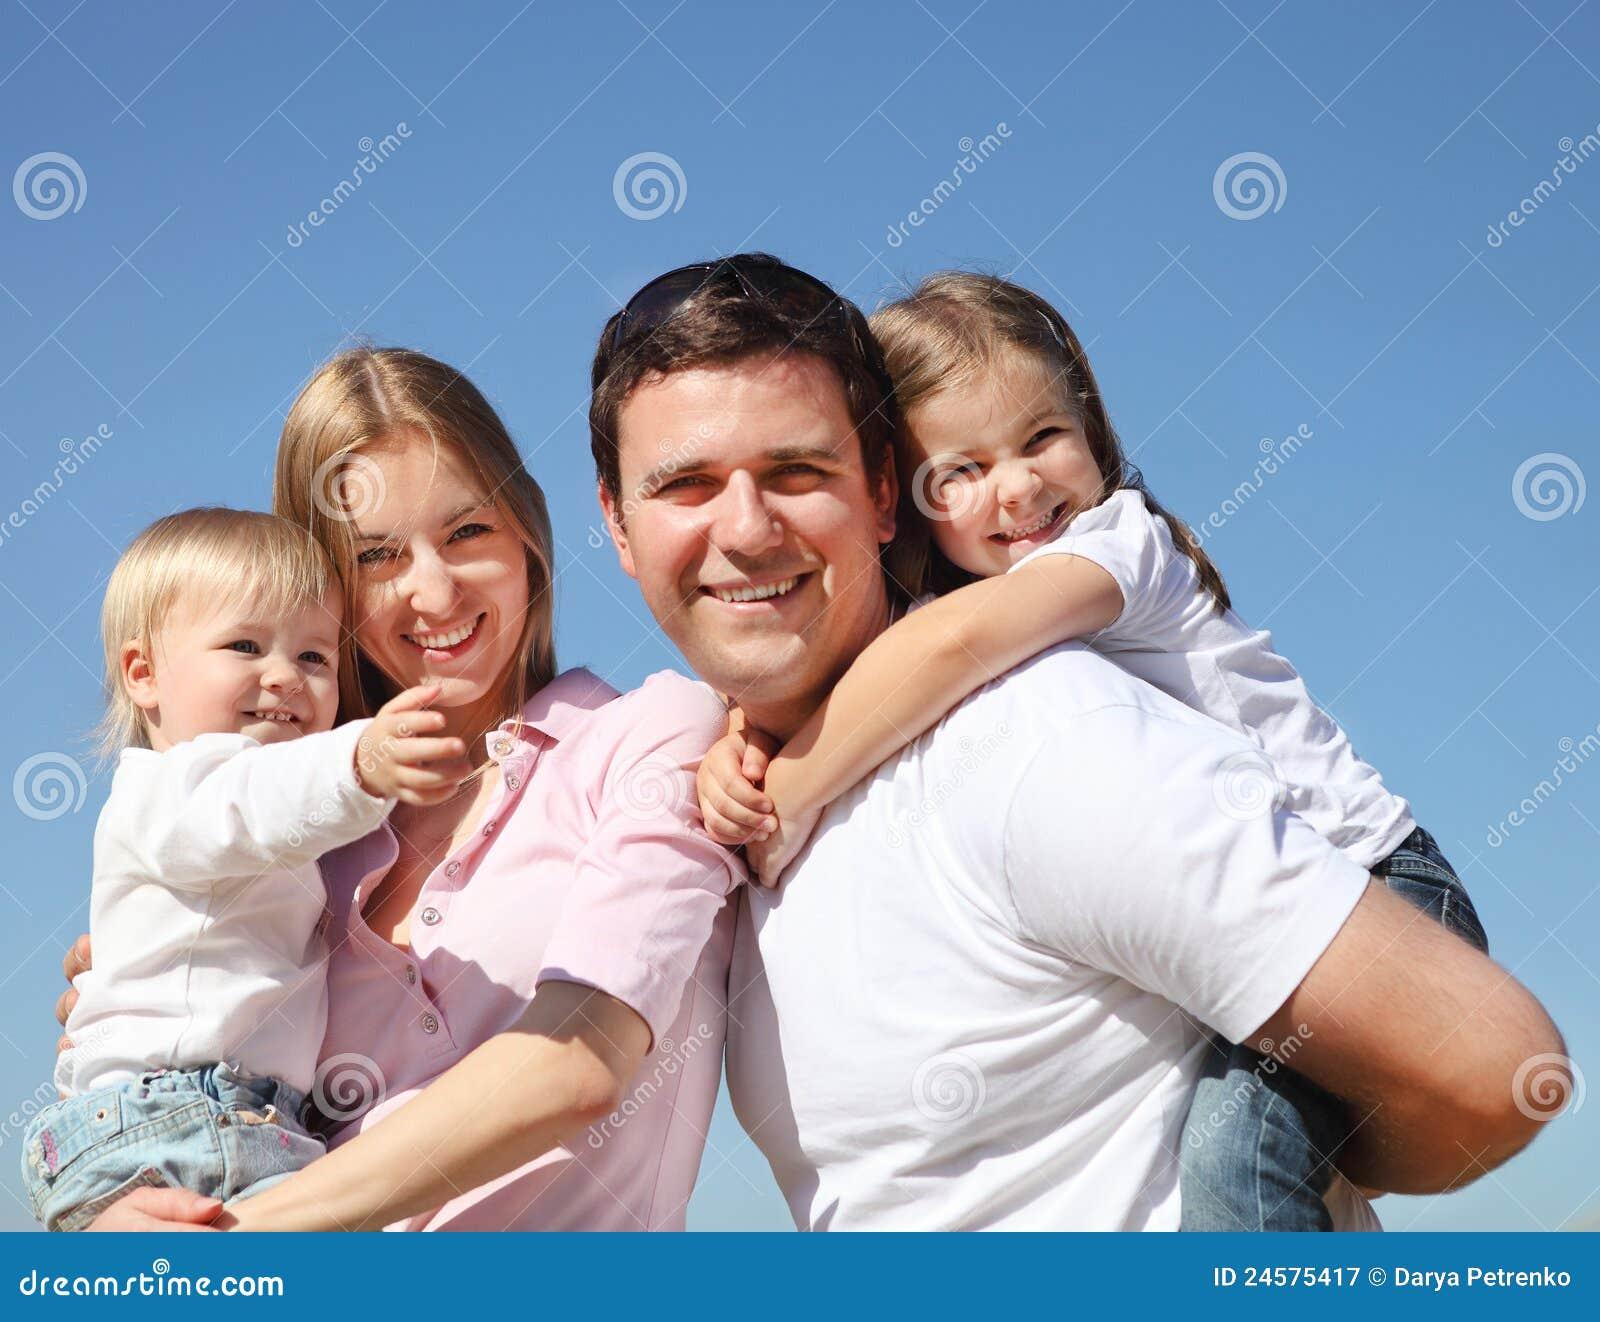 Фото родителей с детьми вк